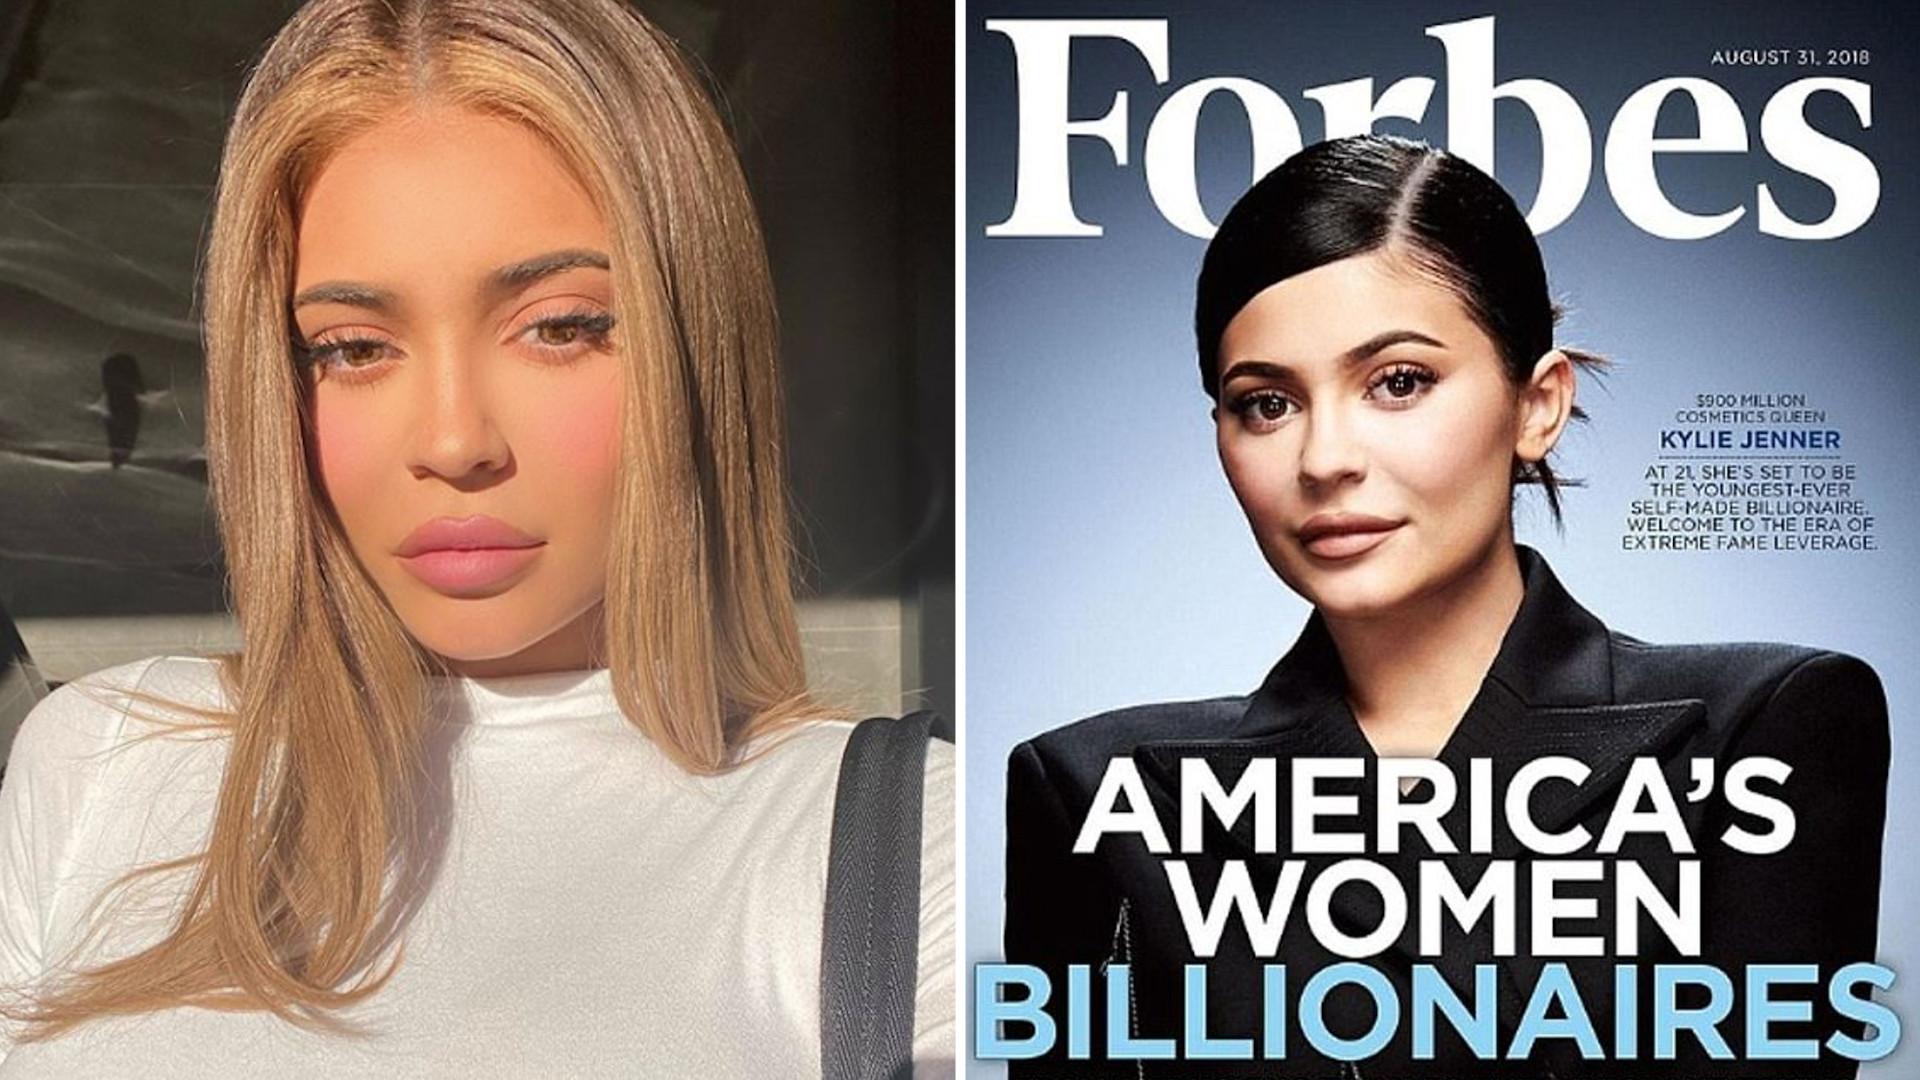 Kylie Jenner, chociaż nie jest już MILIONERKĄ, znowu na szczycie listy FORBESA